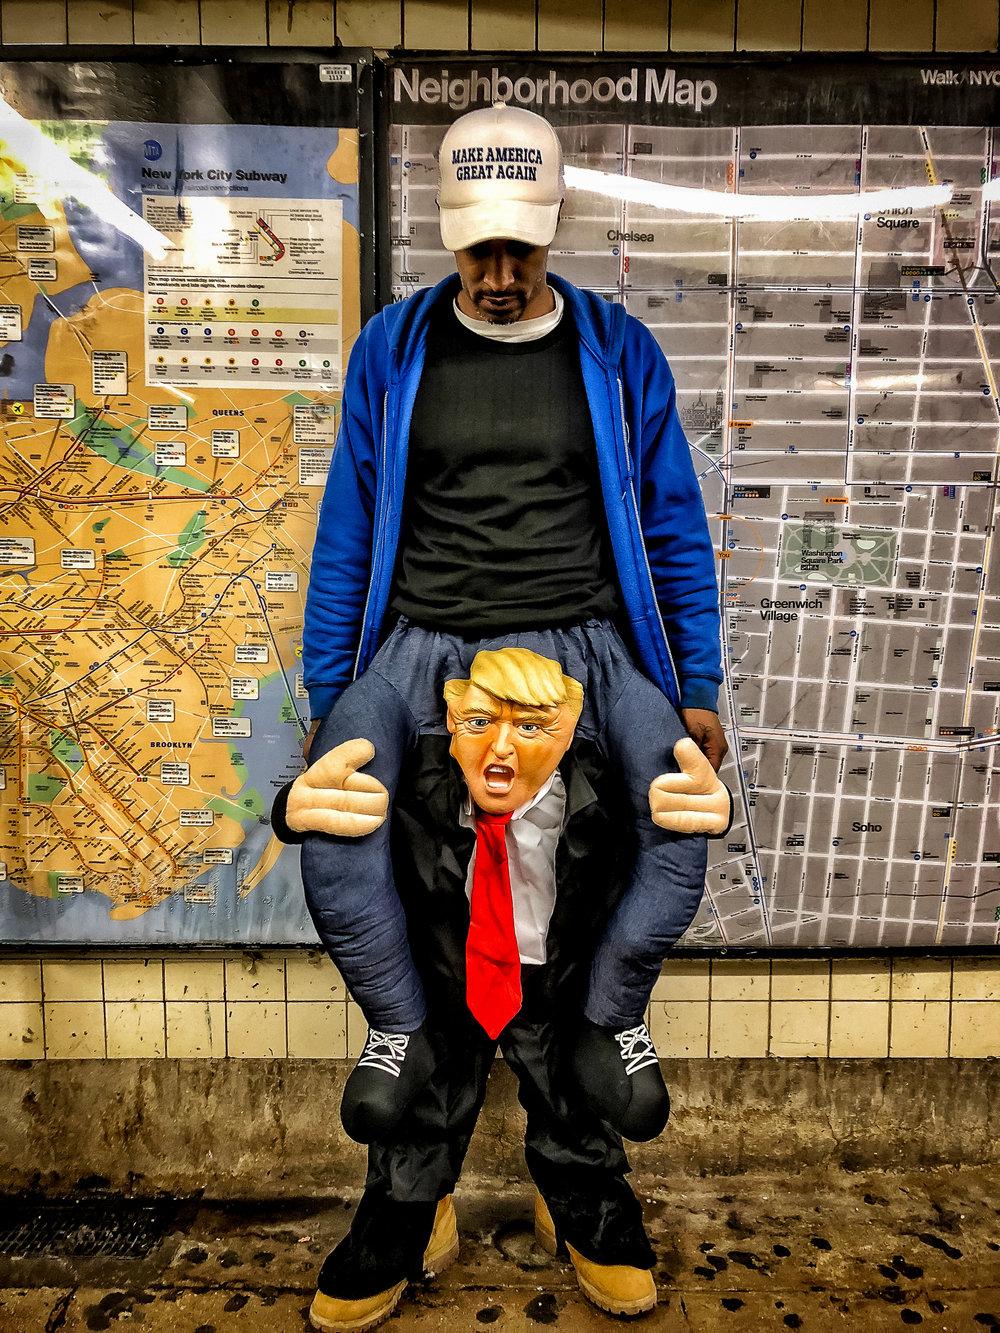 SubwayHalloween-8.jpg